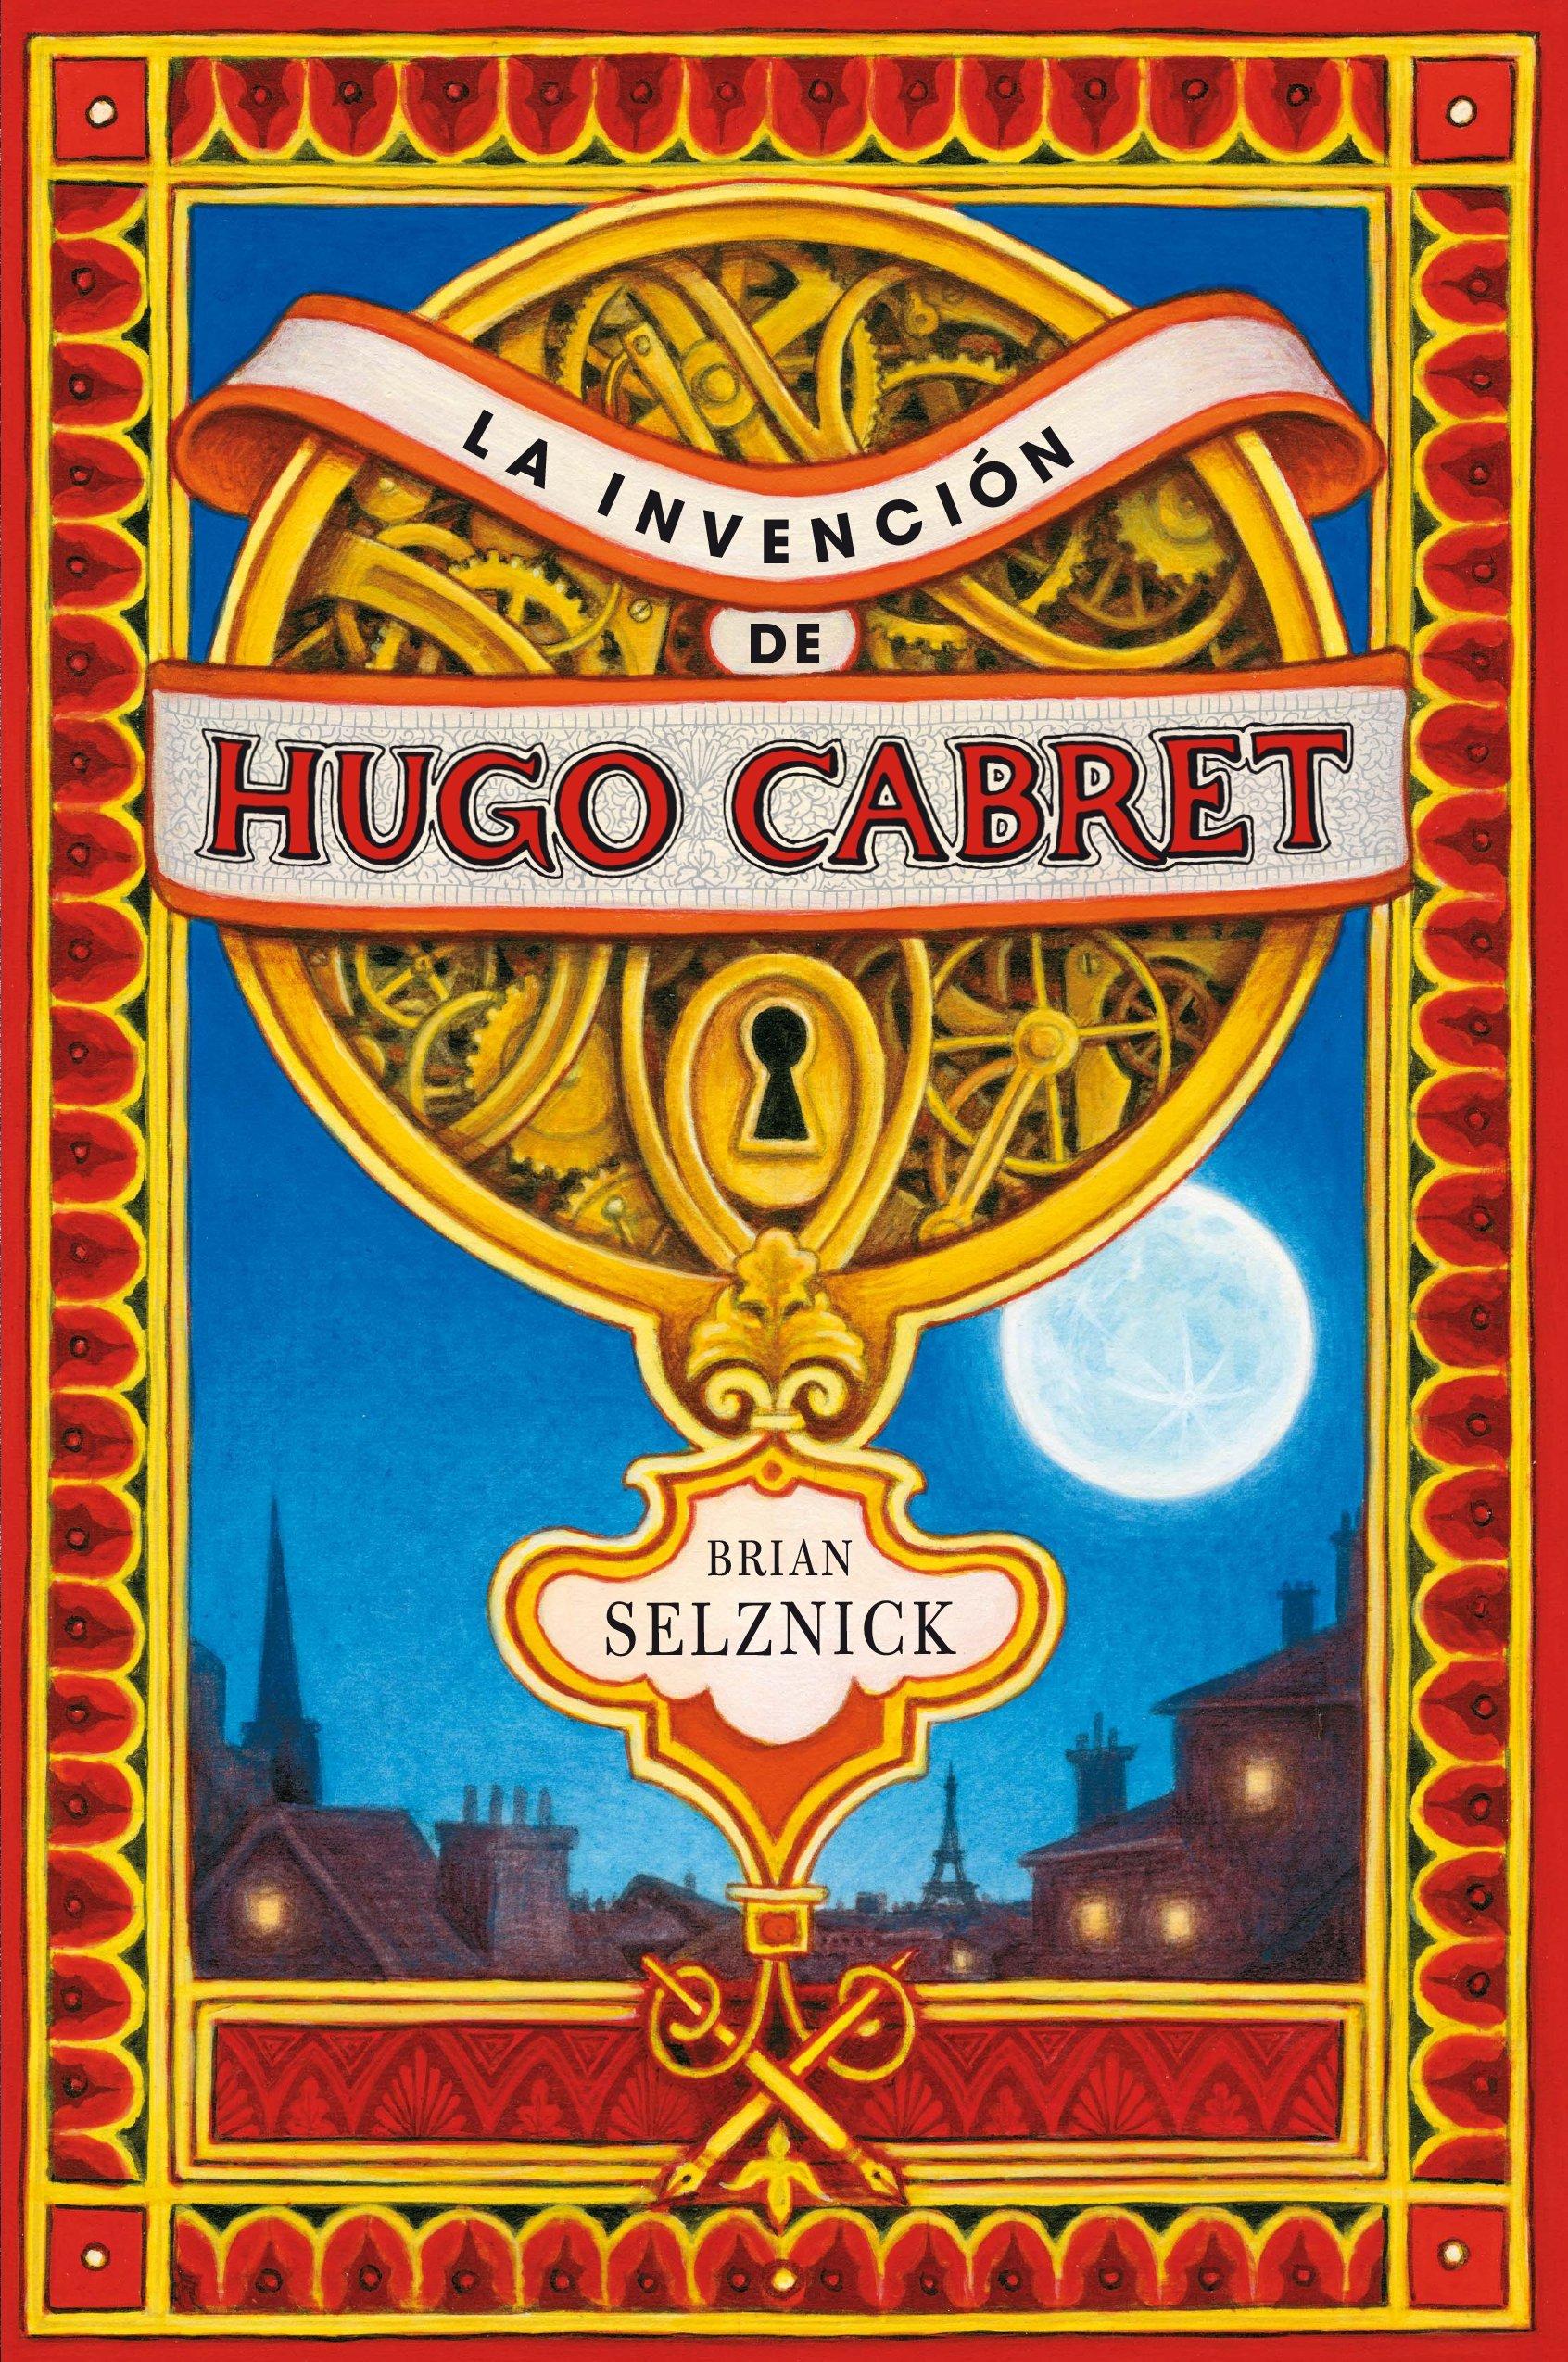 La Invención De Hugo Cabret Novelas Gráficas Spanish Edition Selznick Brian 9788467520446 Books